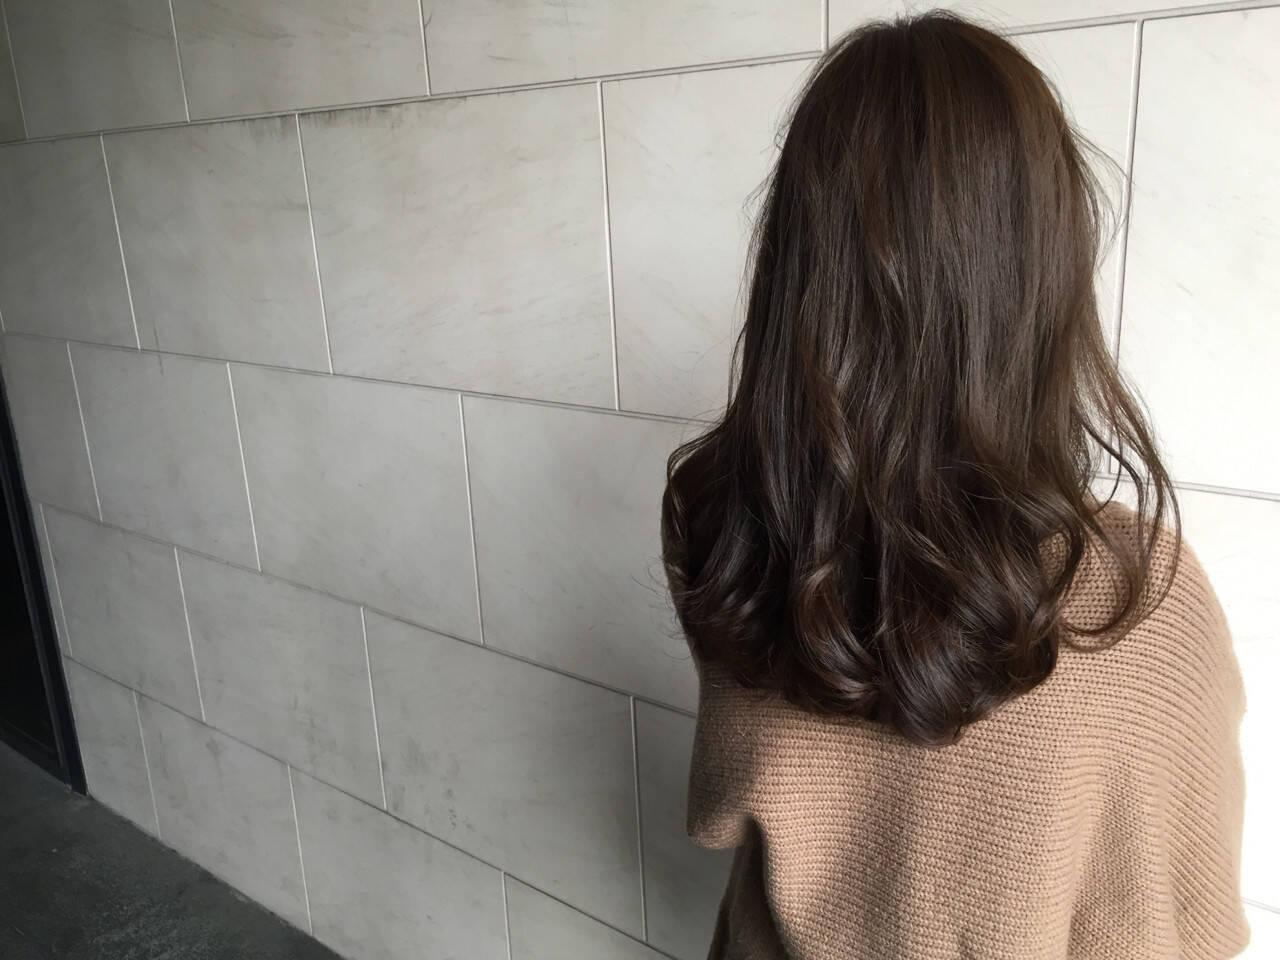 セミロング ナチュラル ゆるふわ ハイライトヘアスタイルや髪型の写真・画像